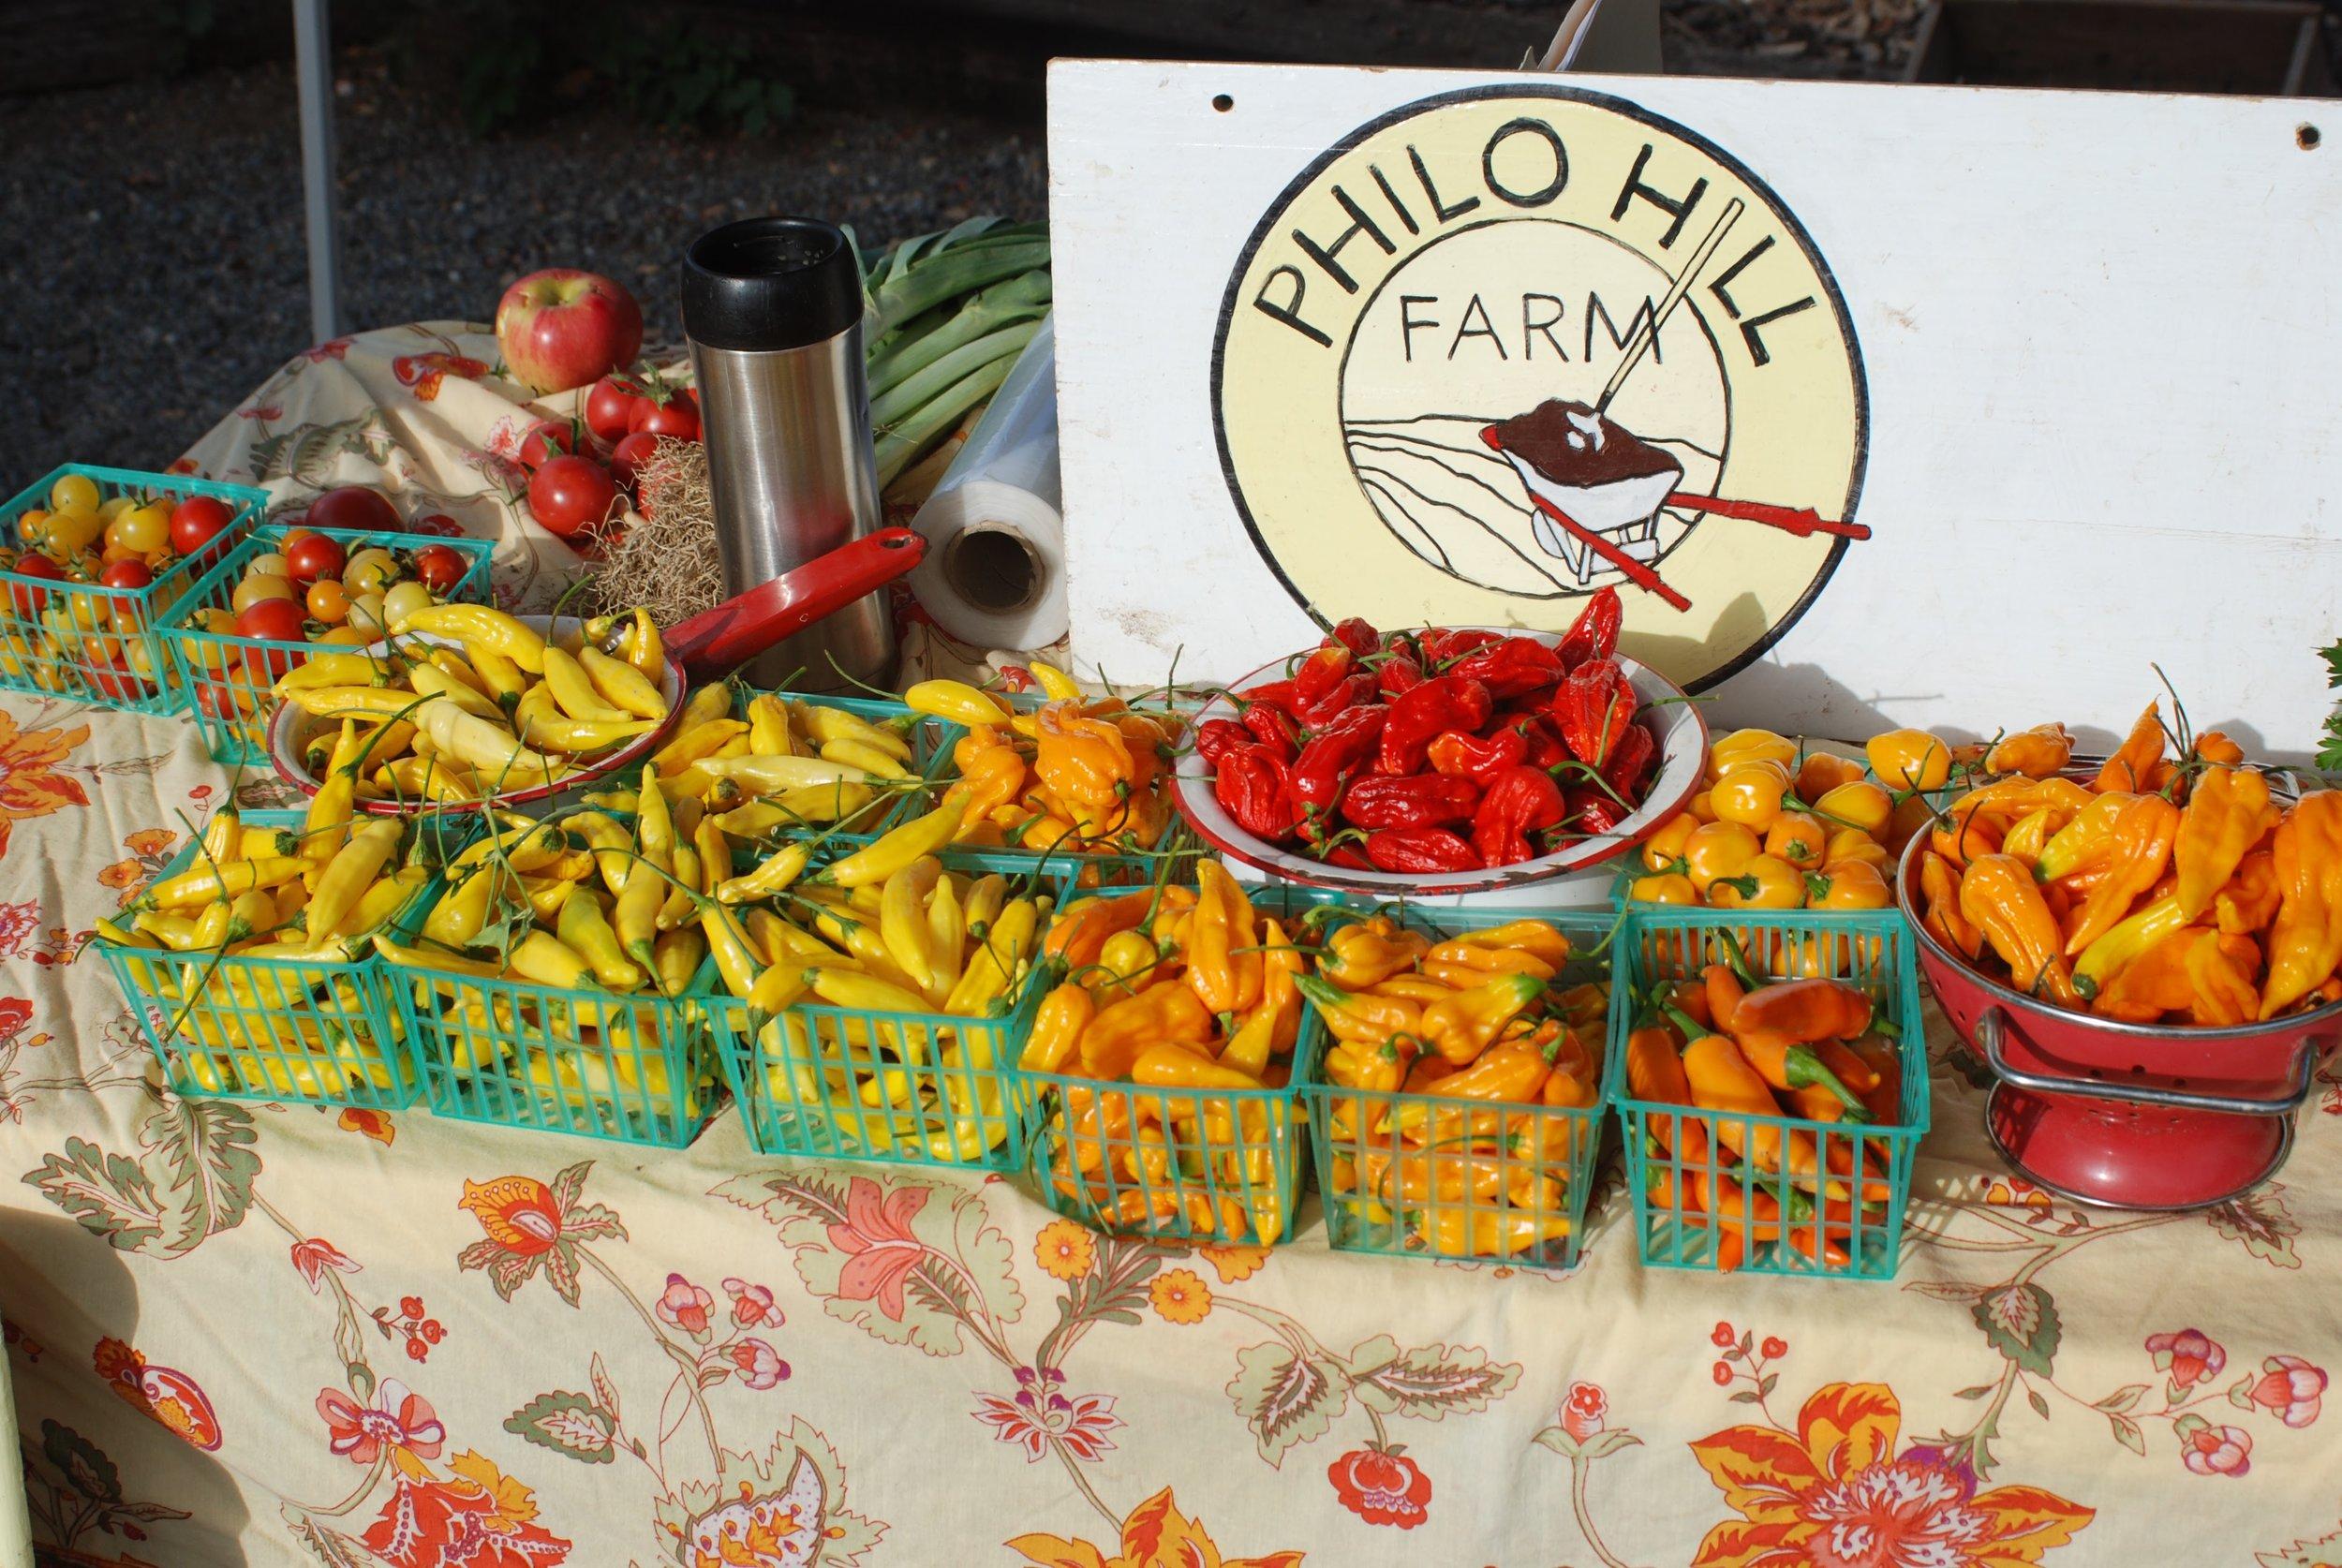 Philo Hill Farm